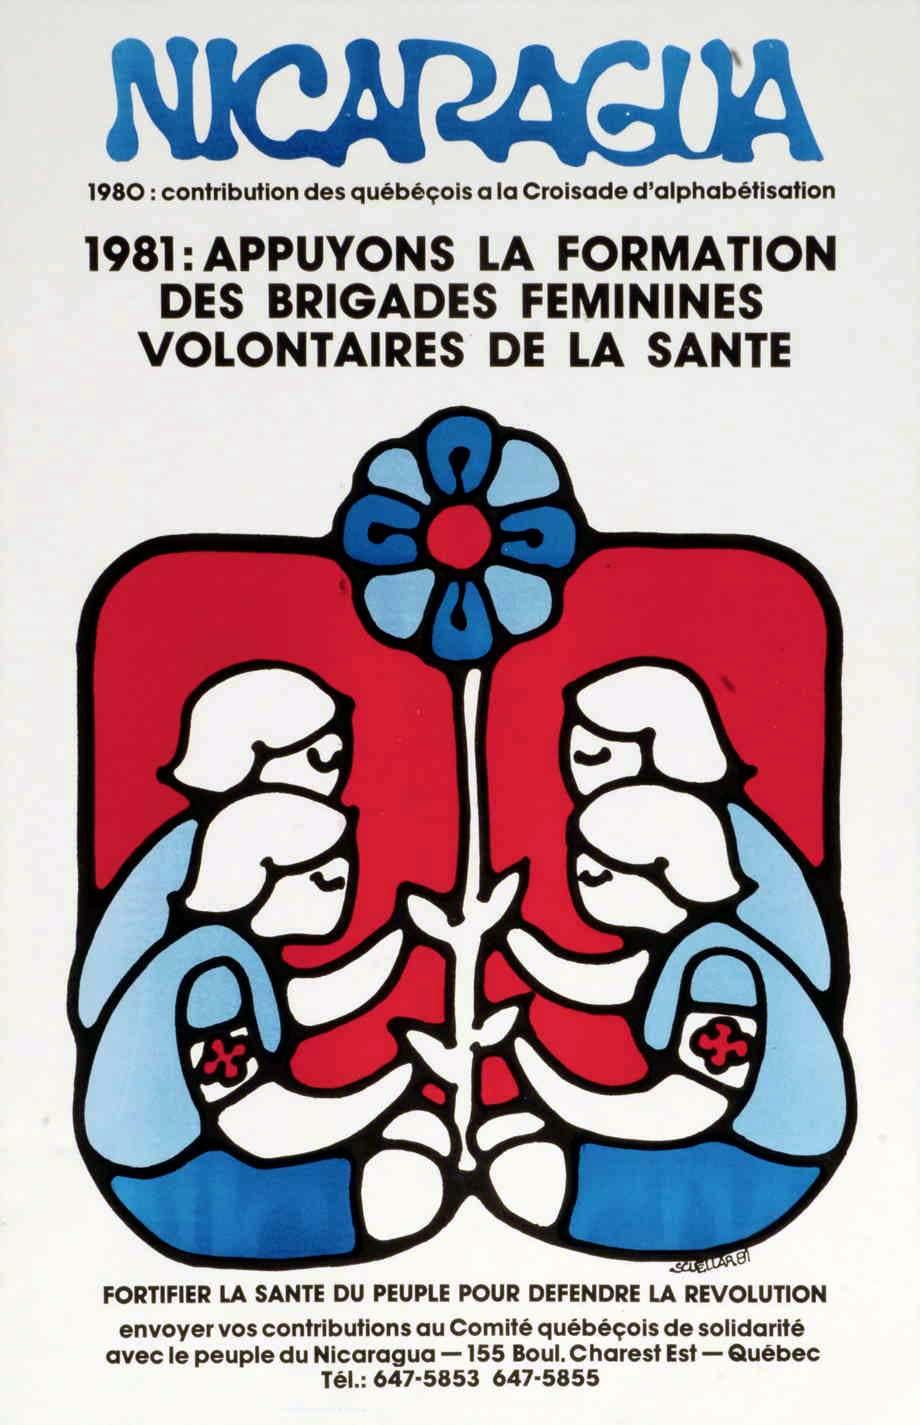 Appuyons la formation des brigades féminines volontaires pour la santé, 1981